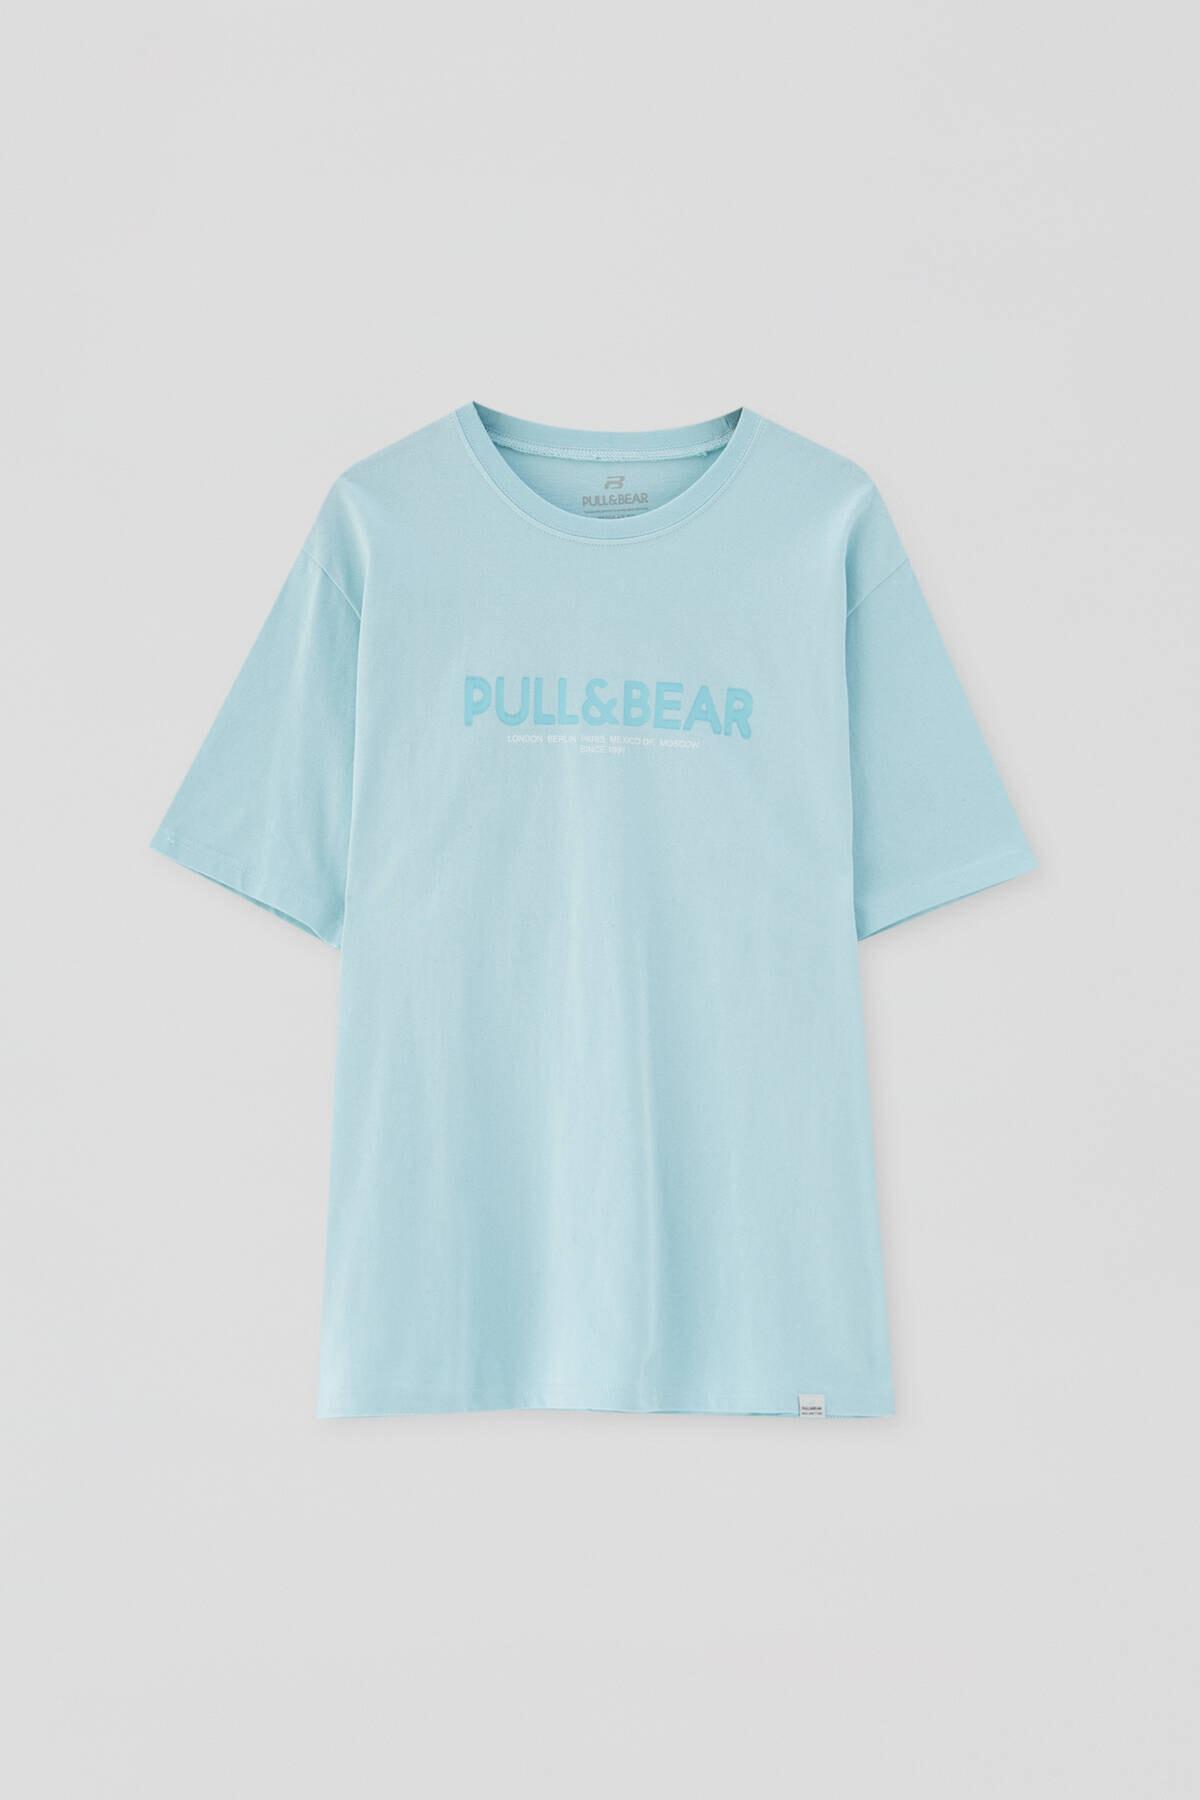 Pull & Bear Erkek Açık Yeşil Logolu Basic Sloganlı T-Shirt 04241706 4